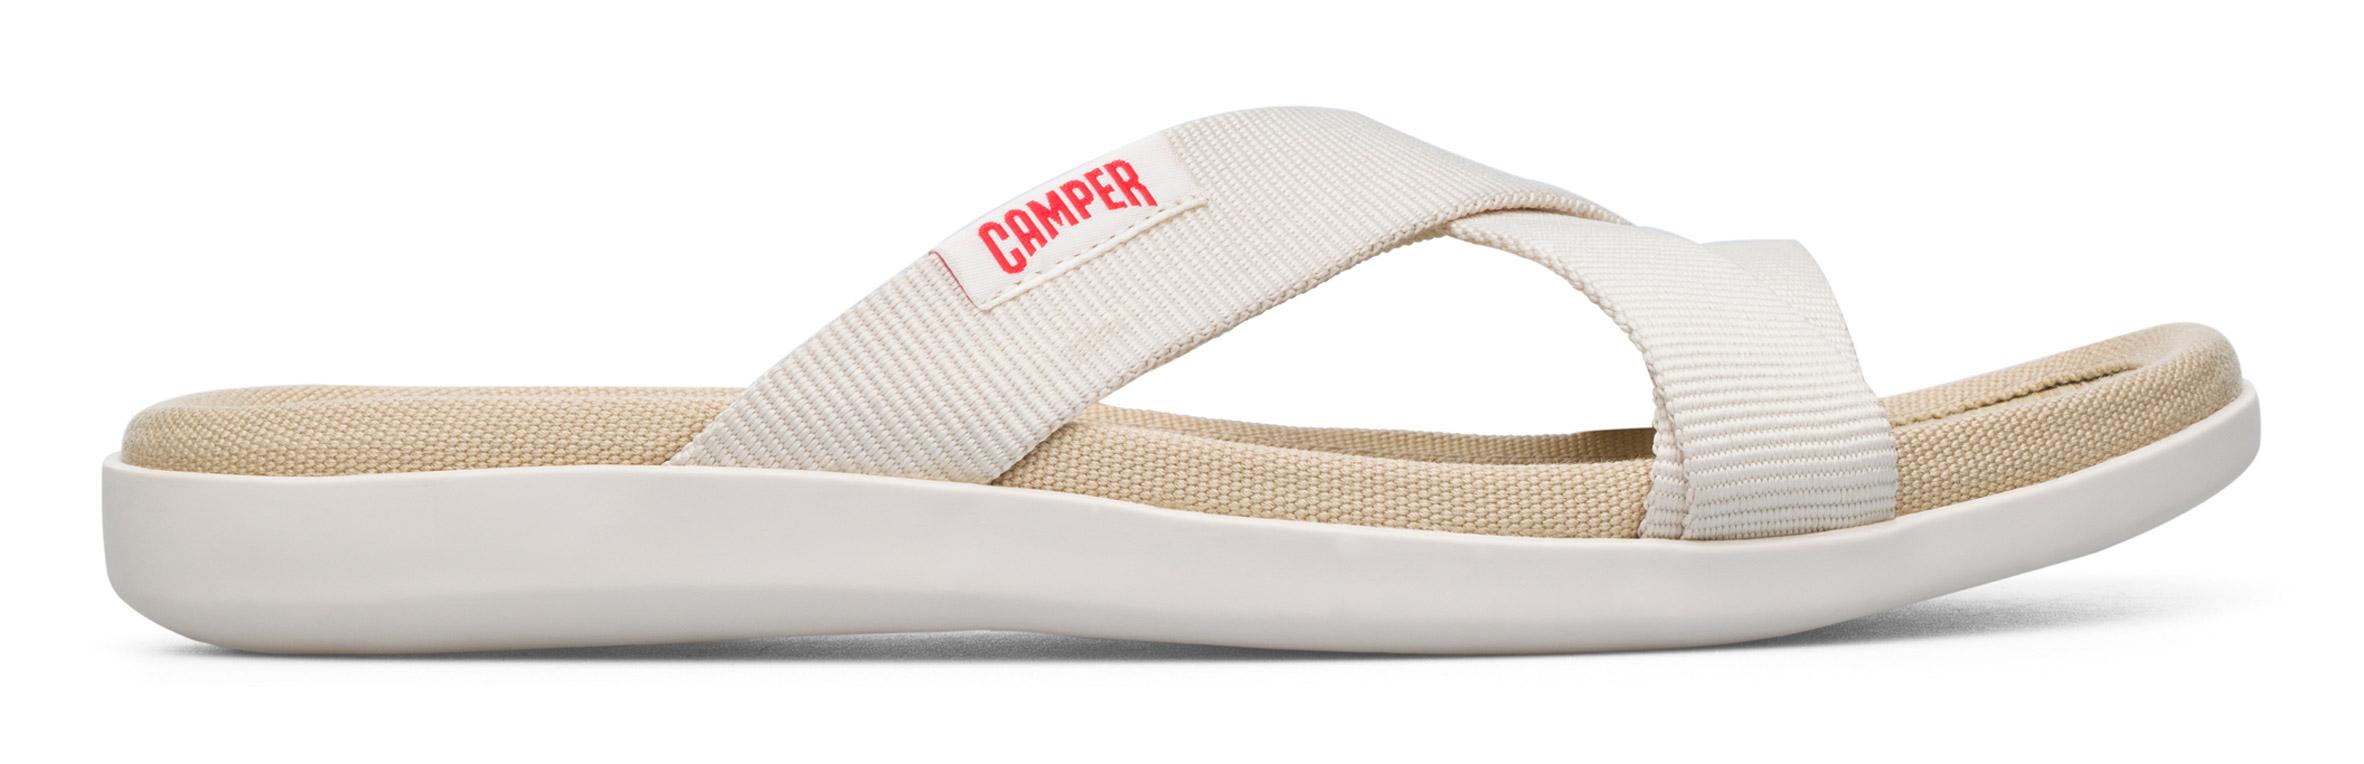 Jasper Morrison references Japanese tatami mats for Camper sandals